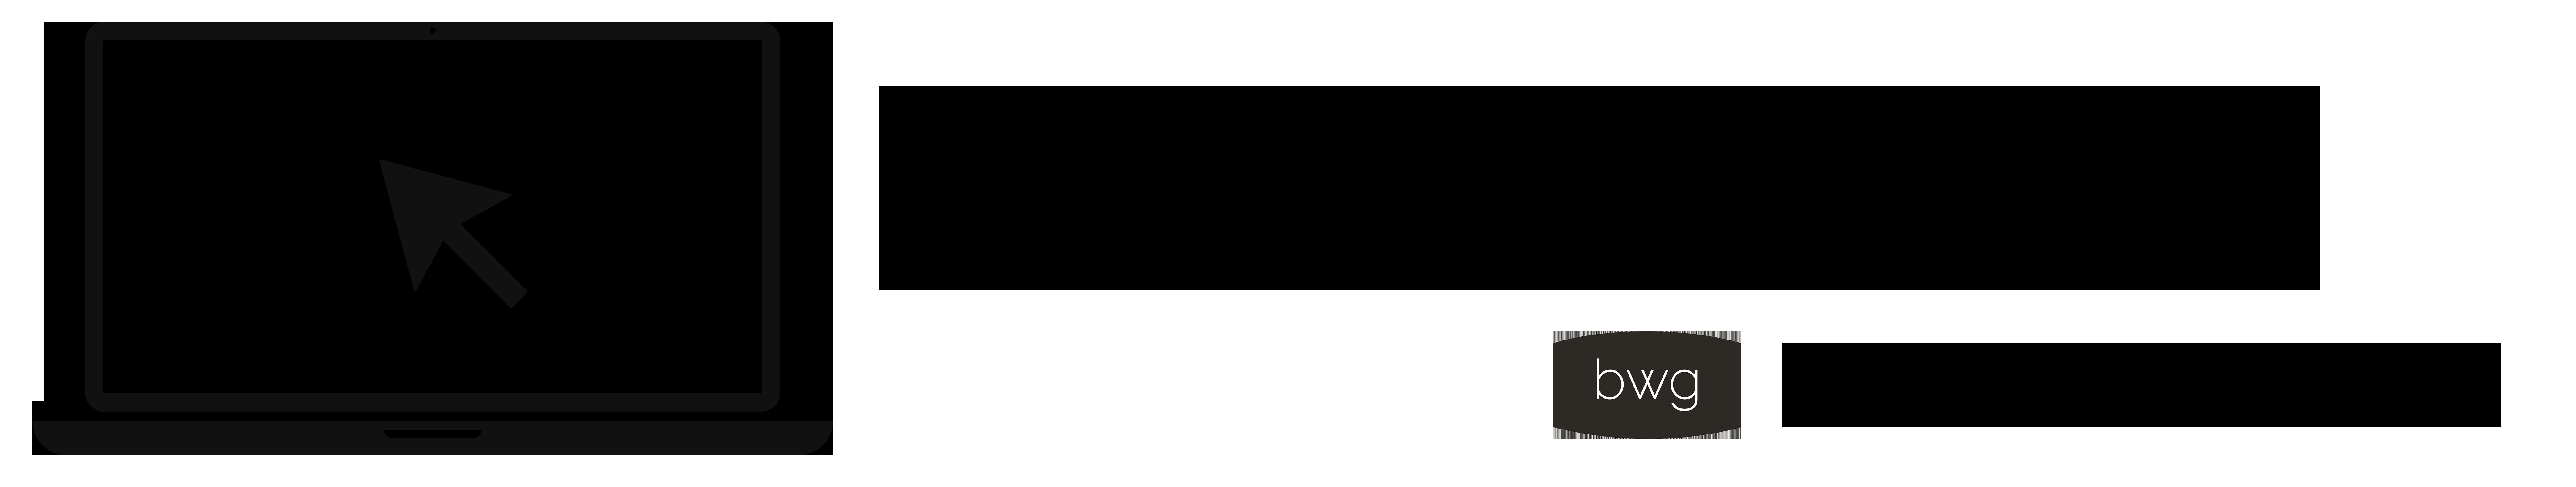 ryclogoicon